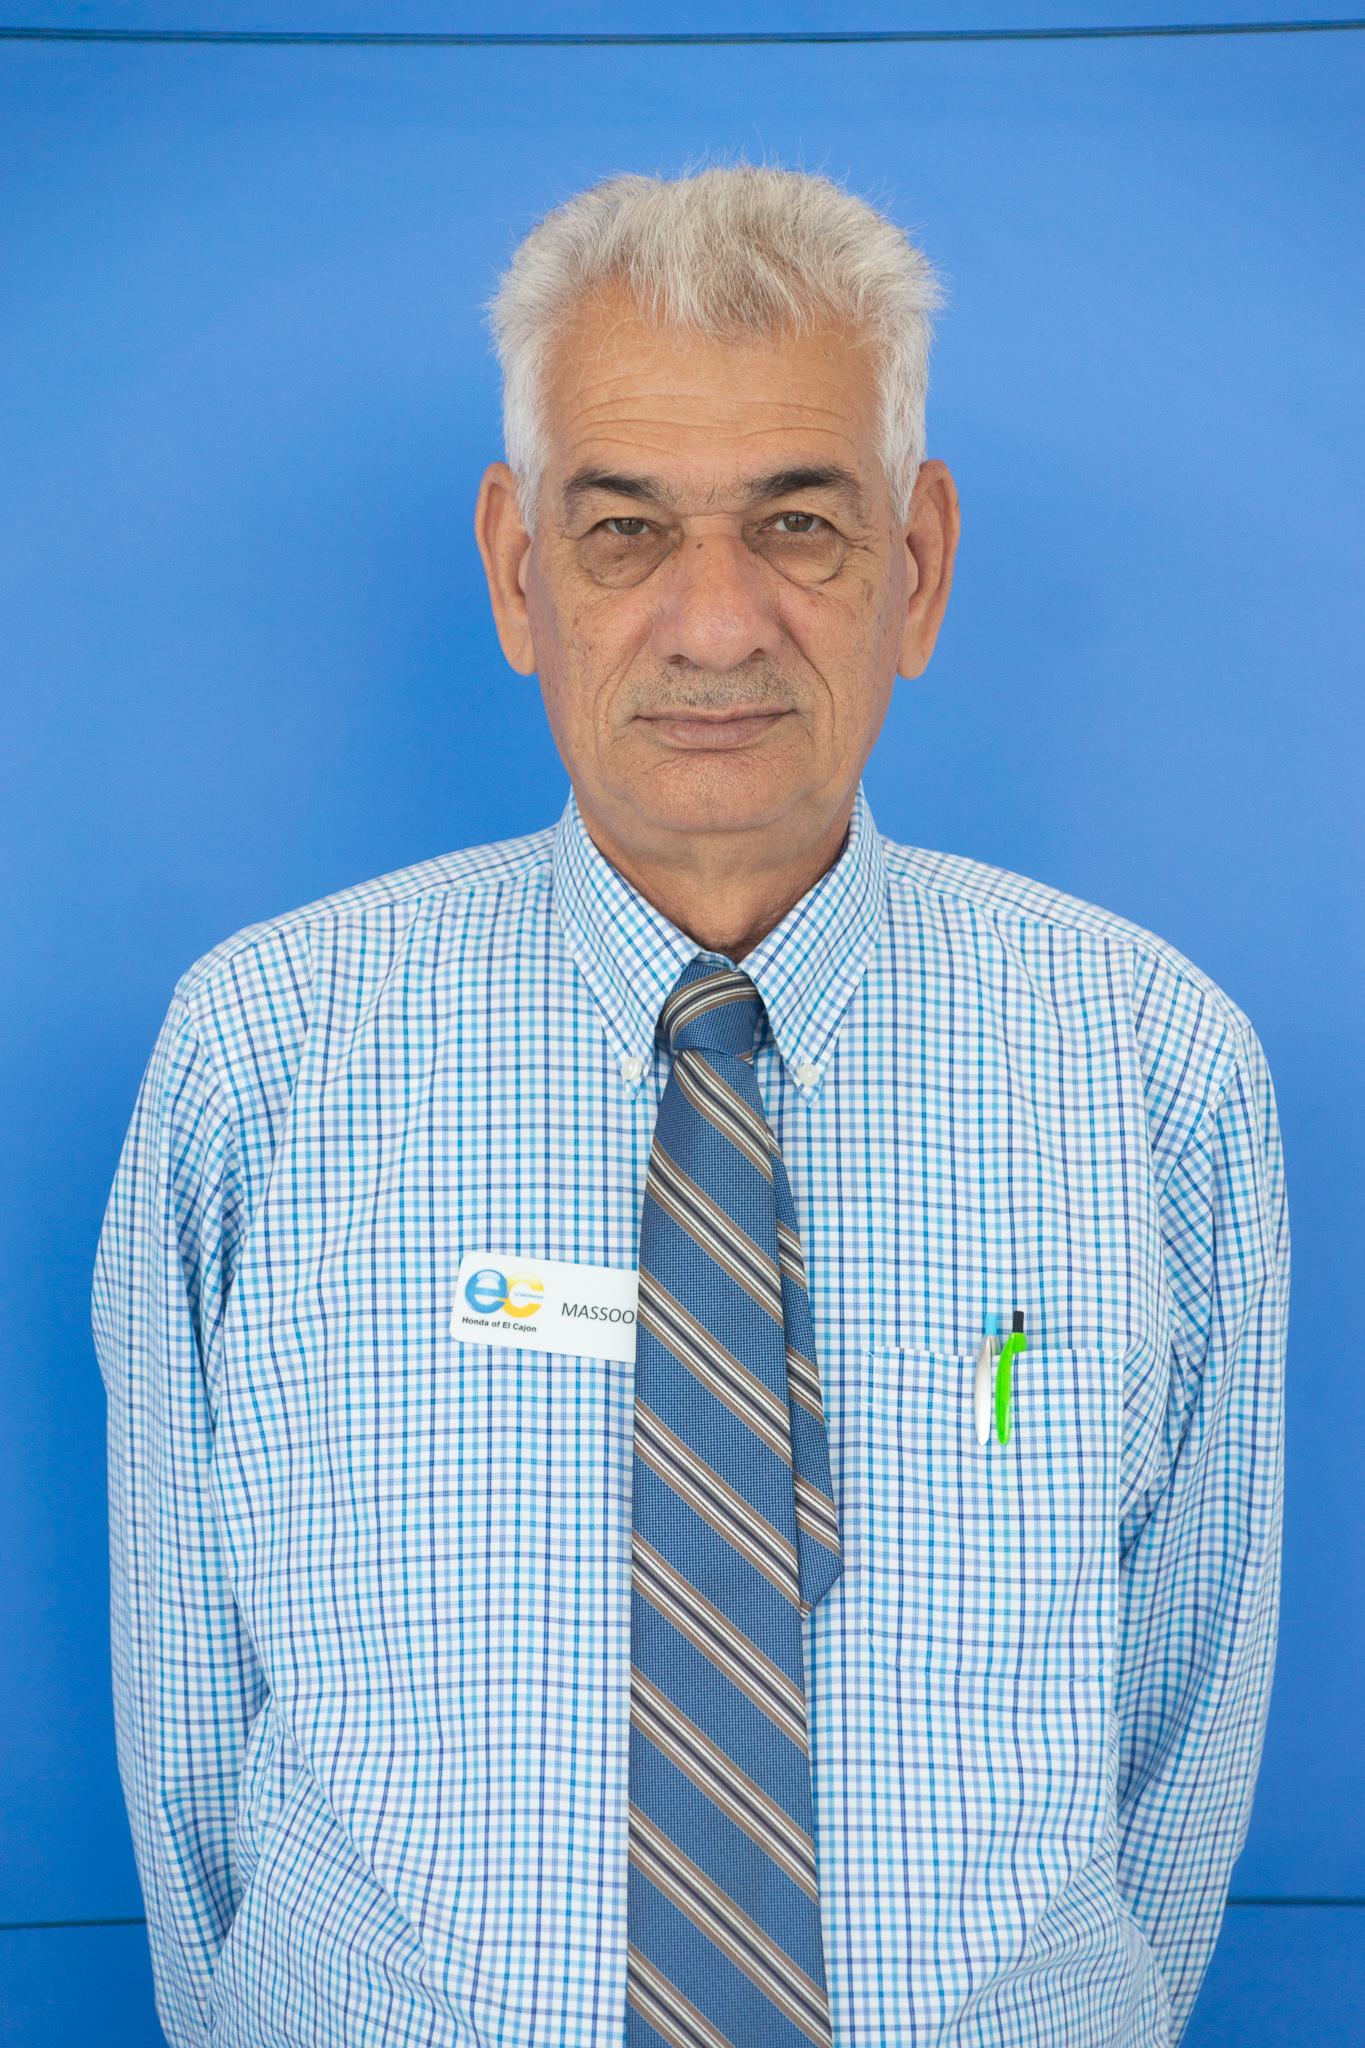 Massood Yaghoobimanesh Bio Image